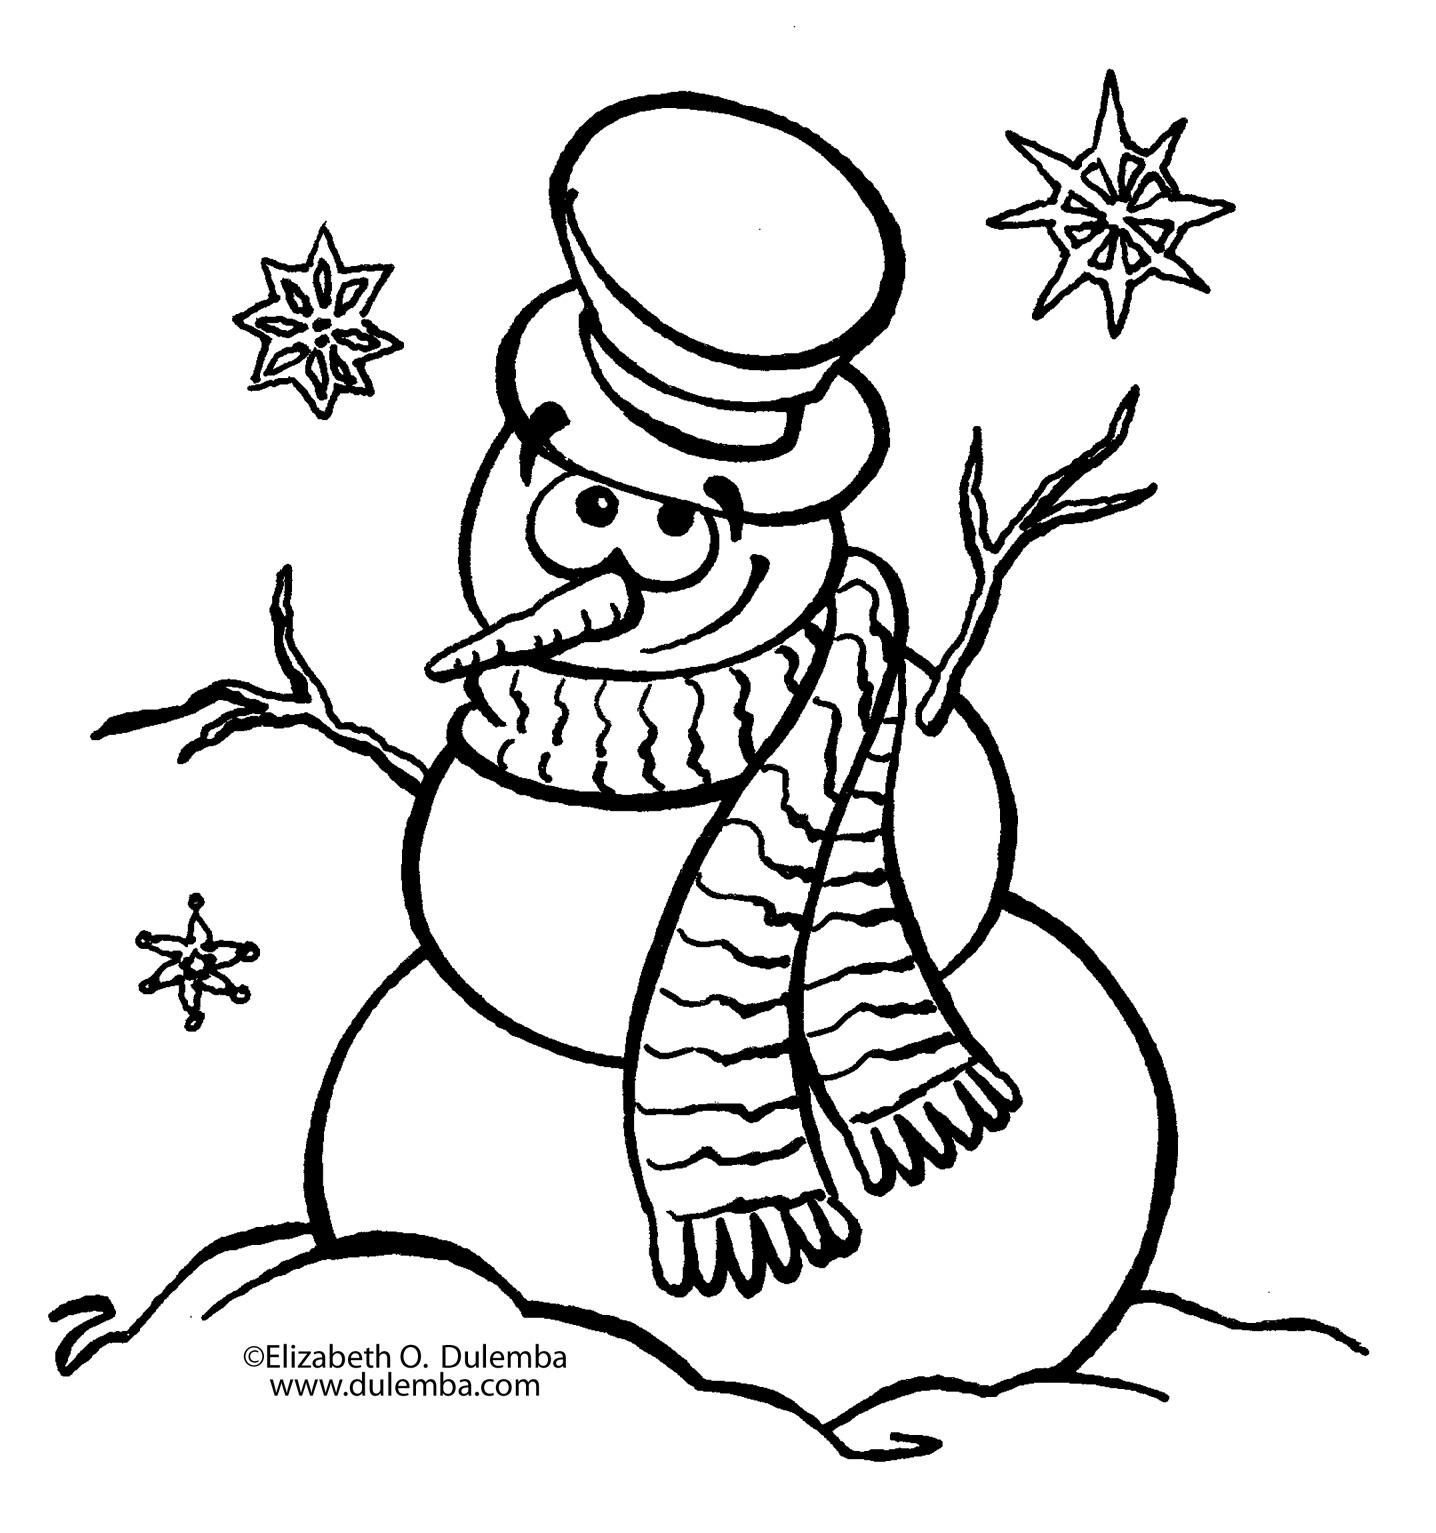 Trato o truco: Dibujos para colorear de Muñecos de Nieve en navidad